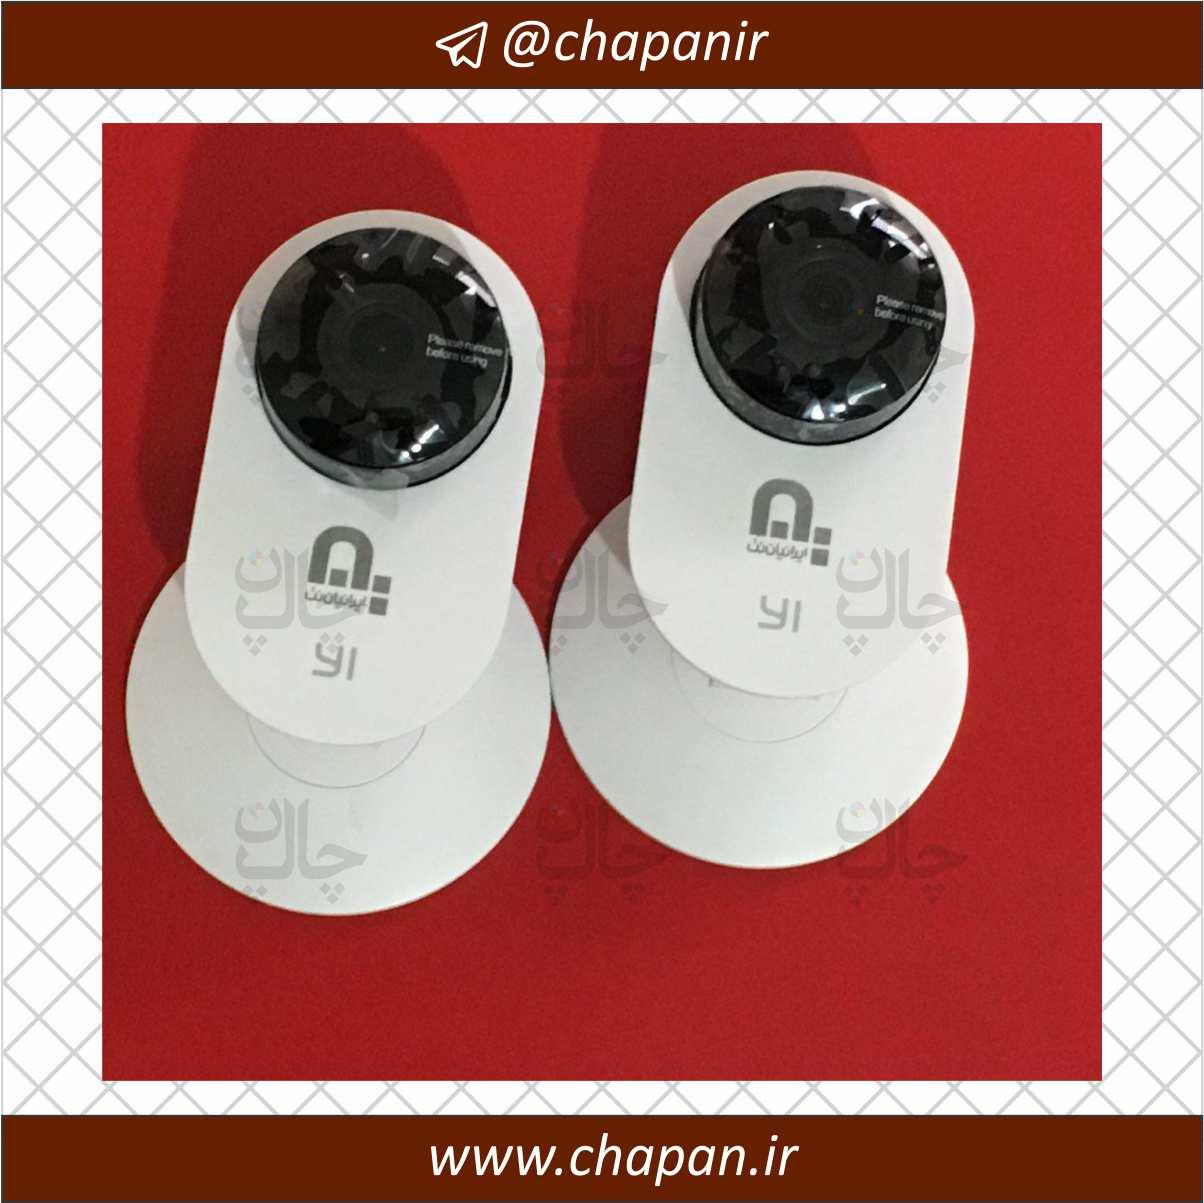 شركت ايرانيان نت اپراتور چهارم مخابراتي كشور - دوربین هوشمند خانگی